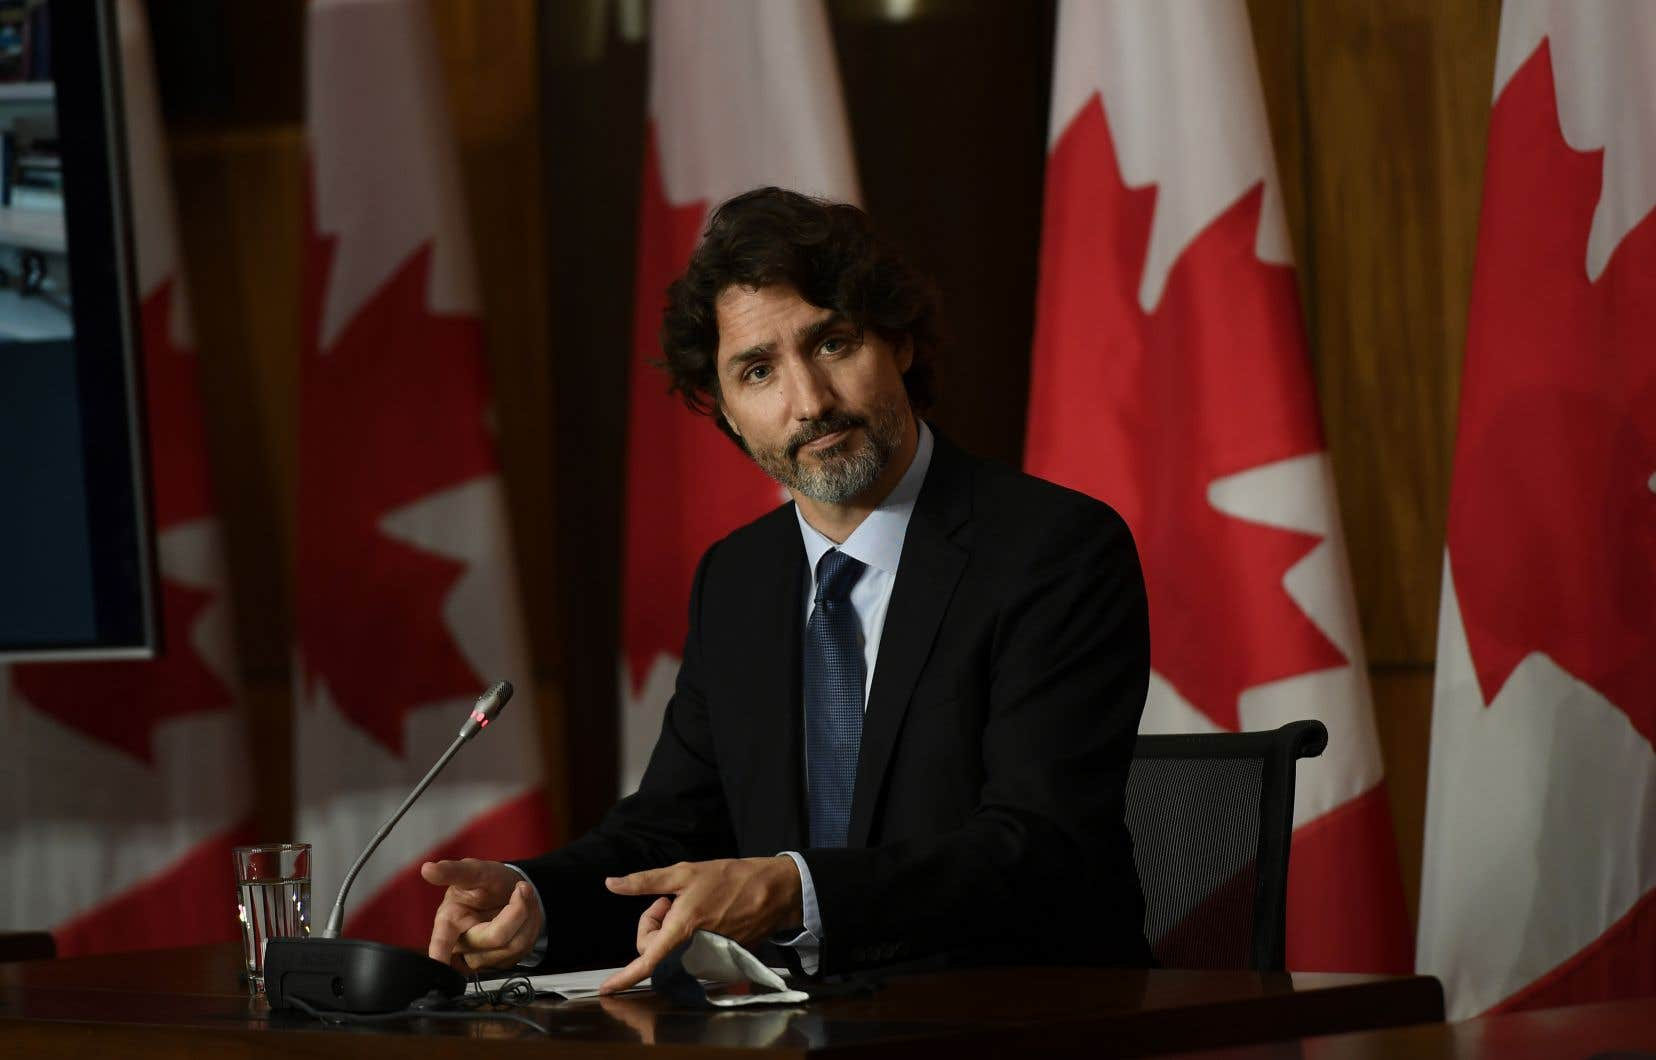 Trudeau assure que son appel aux catholiques n'est pas une manière de se défiler au moment où les communautés autochtones reprochent à son gouvernement le peu d'actions concrètes dans ce dossier.